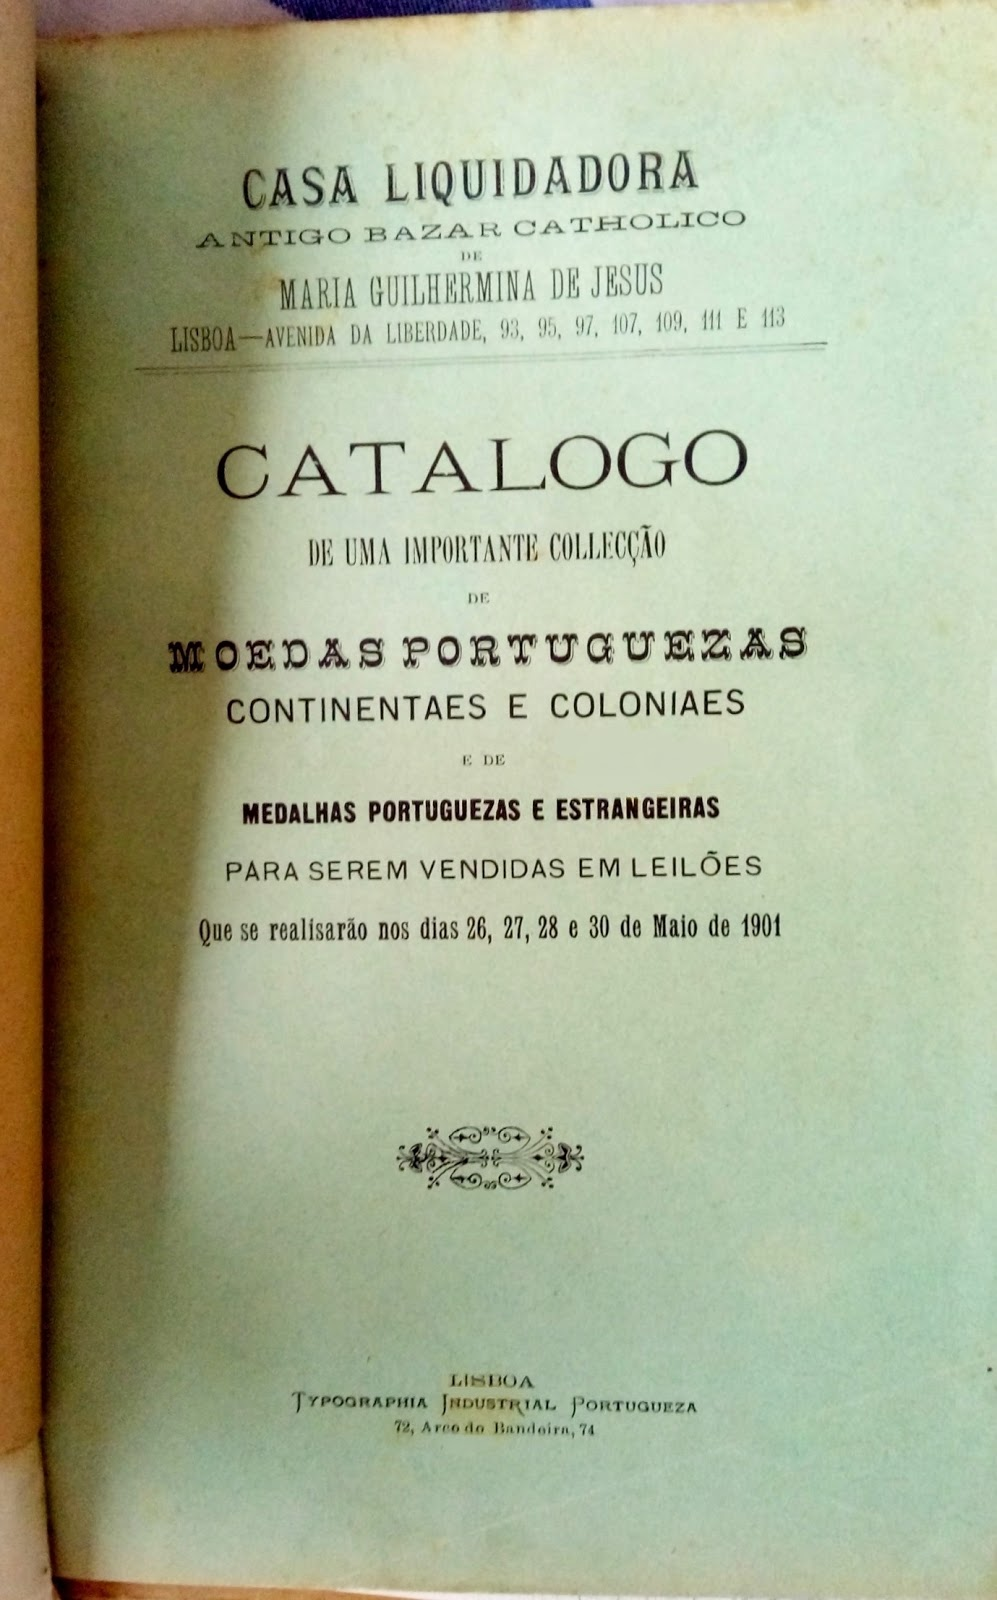 [1901-Catlogo21]